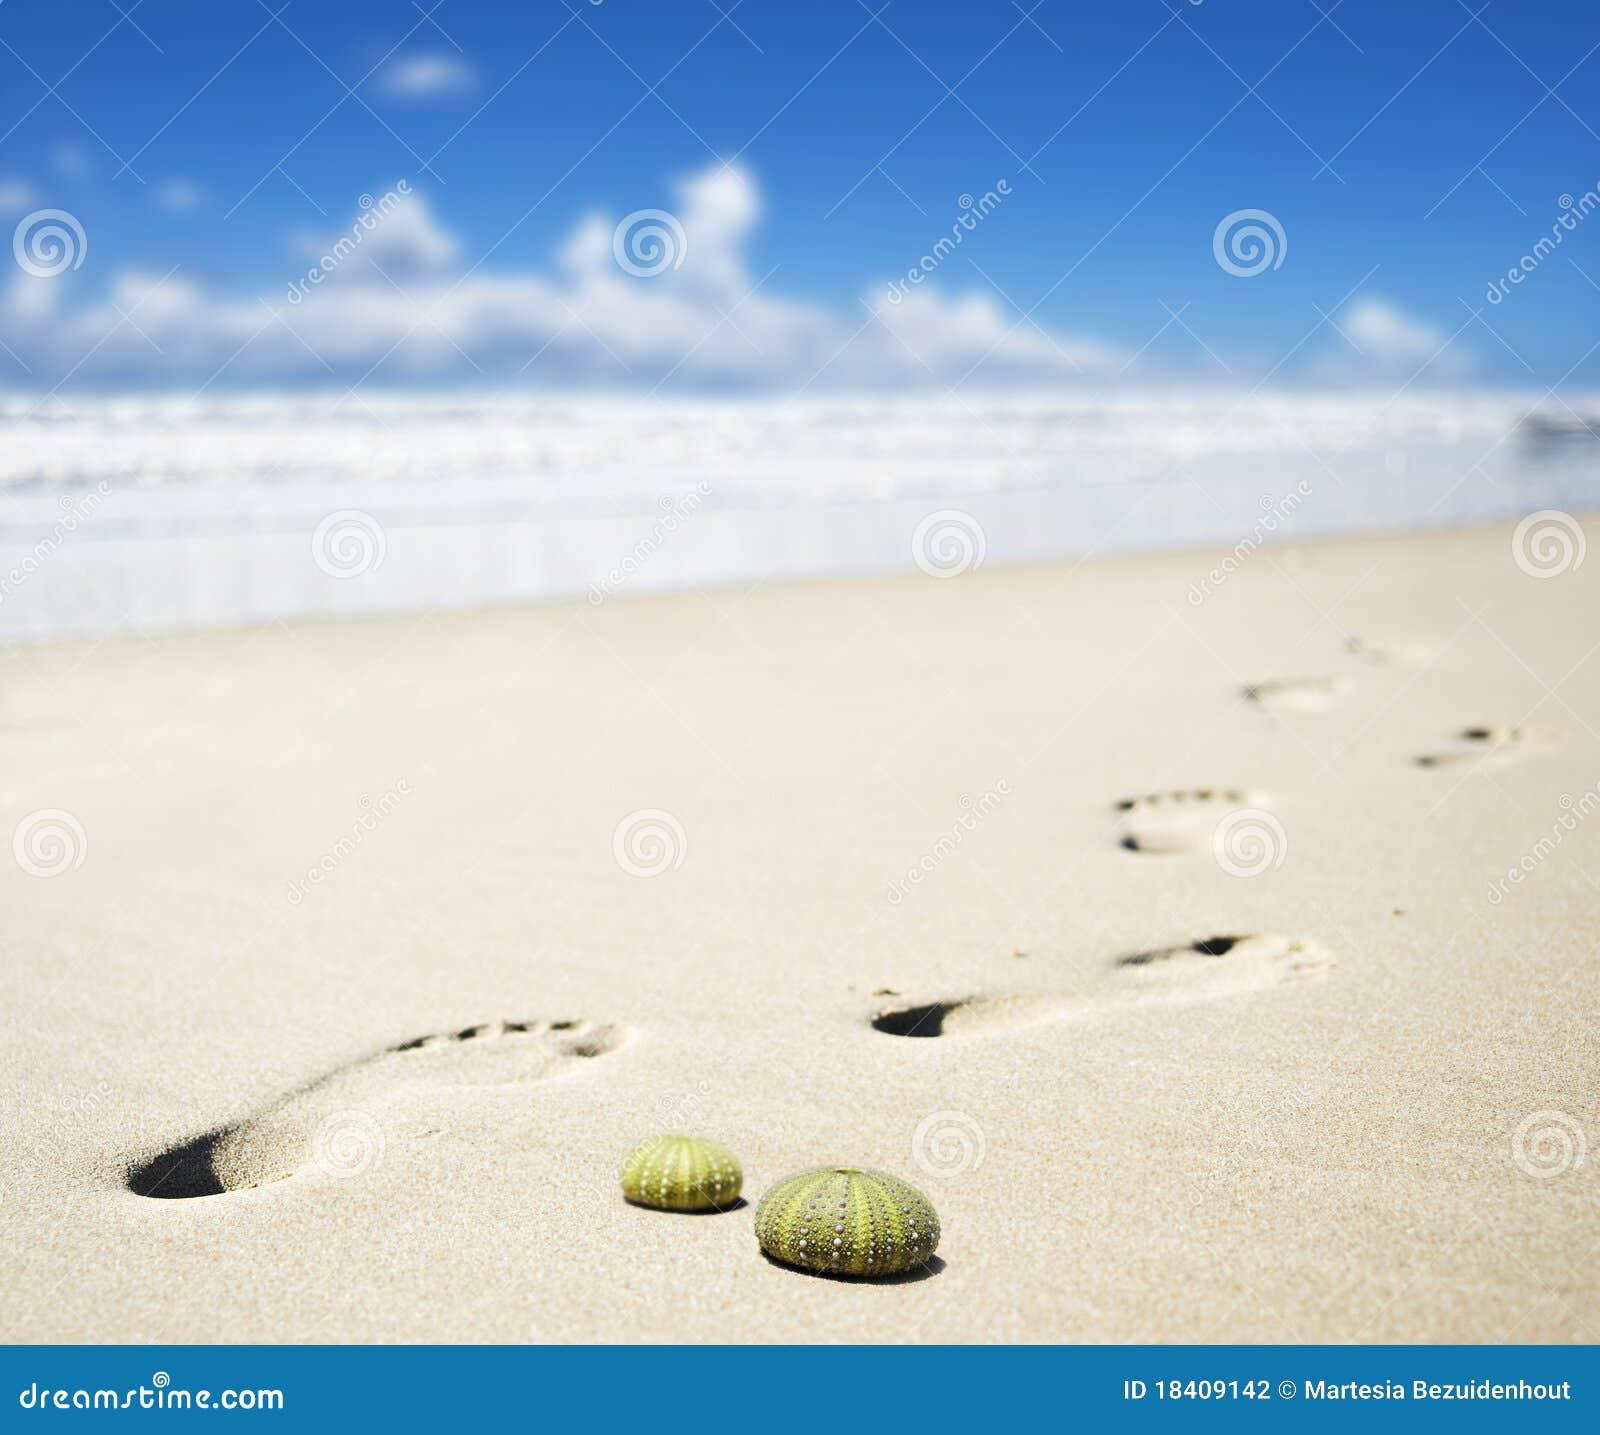 Fußdrucke auf einem sandigen Strand